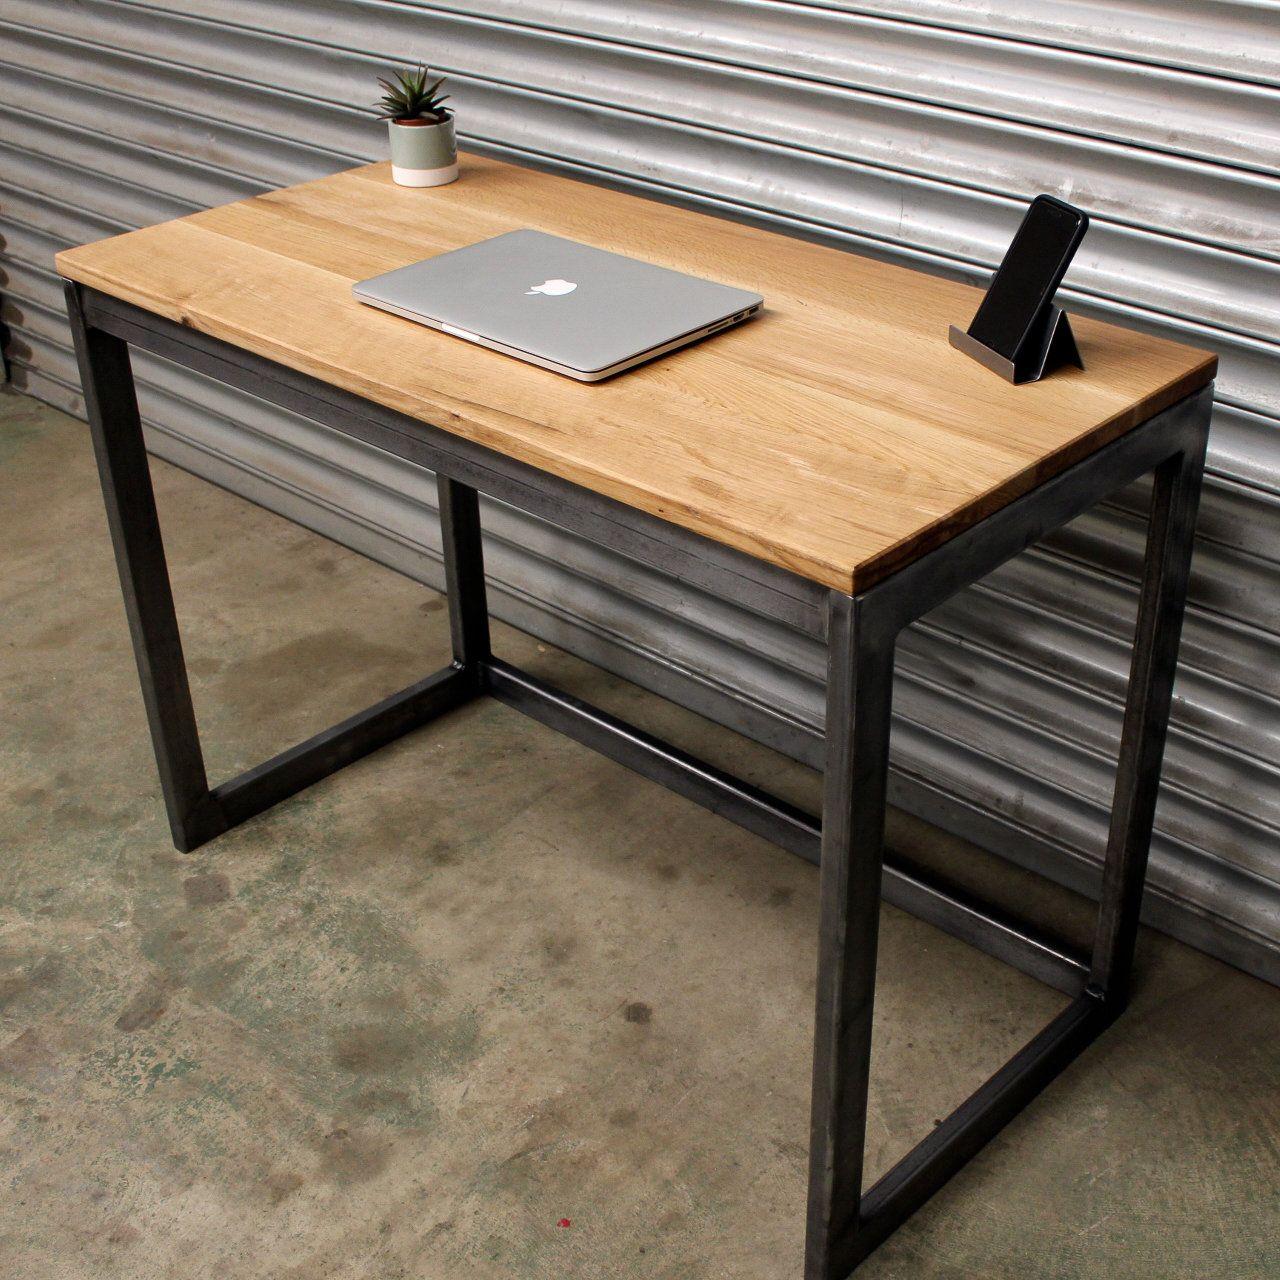 Oak Desk With Steel Frame Industrial Desk Office Wood And Metal Oak Wood Top Metal Desk Oak Desk Industrial Steel Frame Desk Metal Desks Metal Furniture